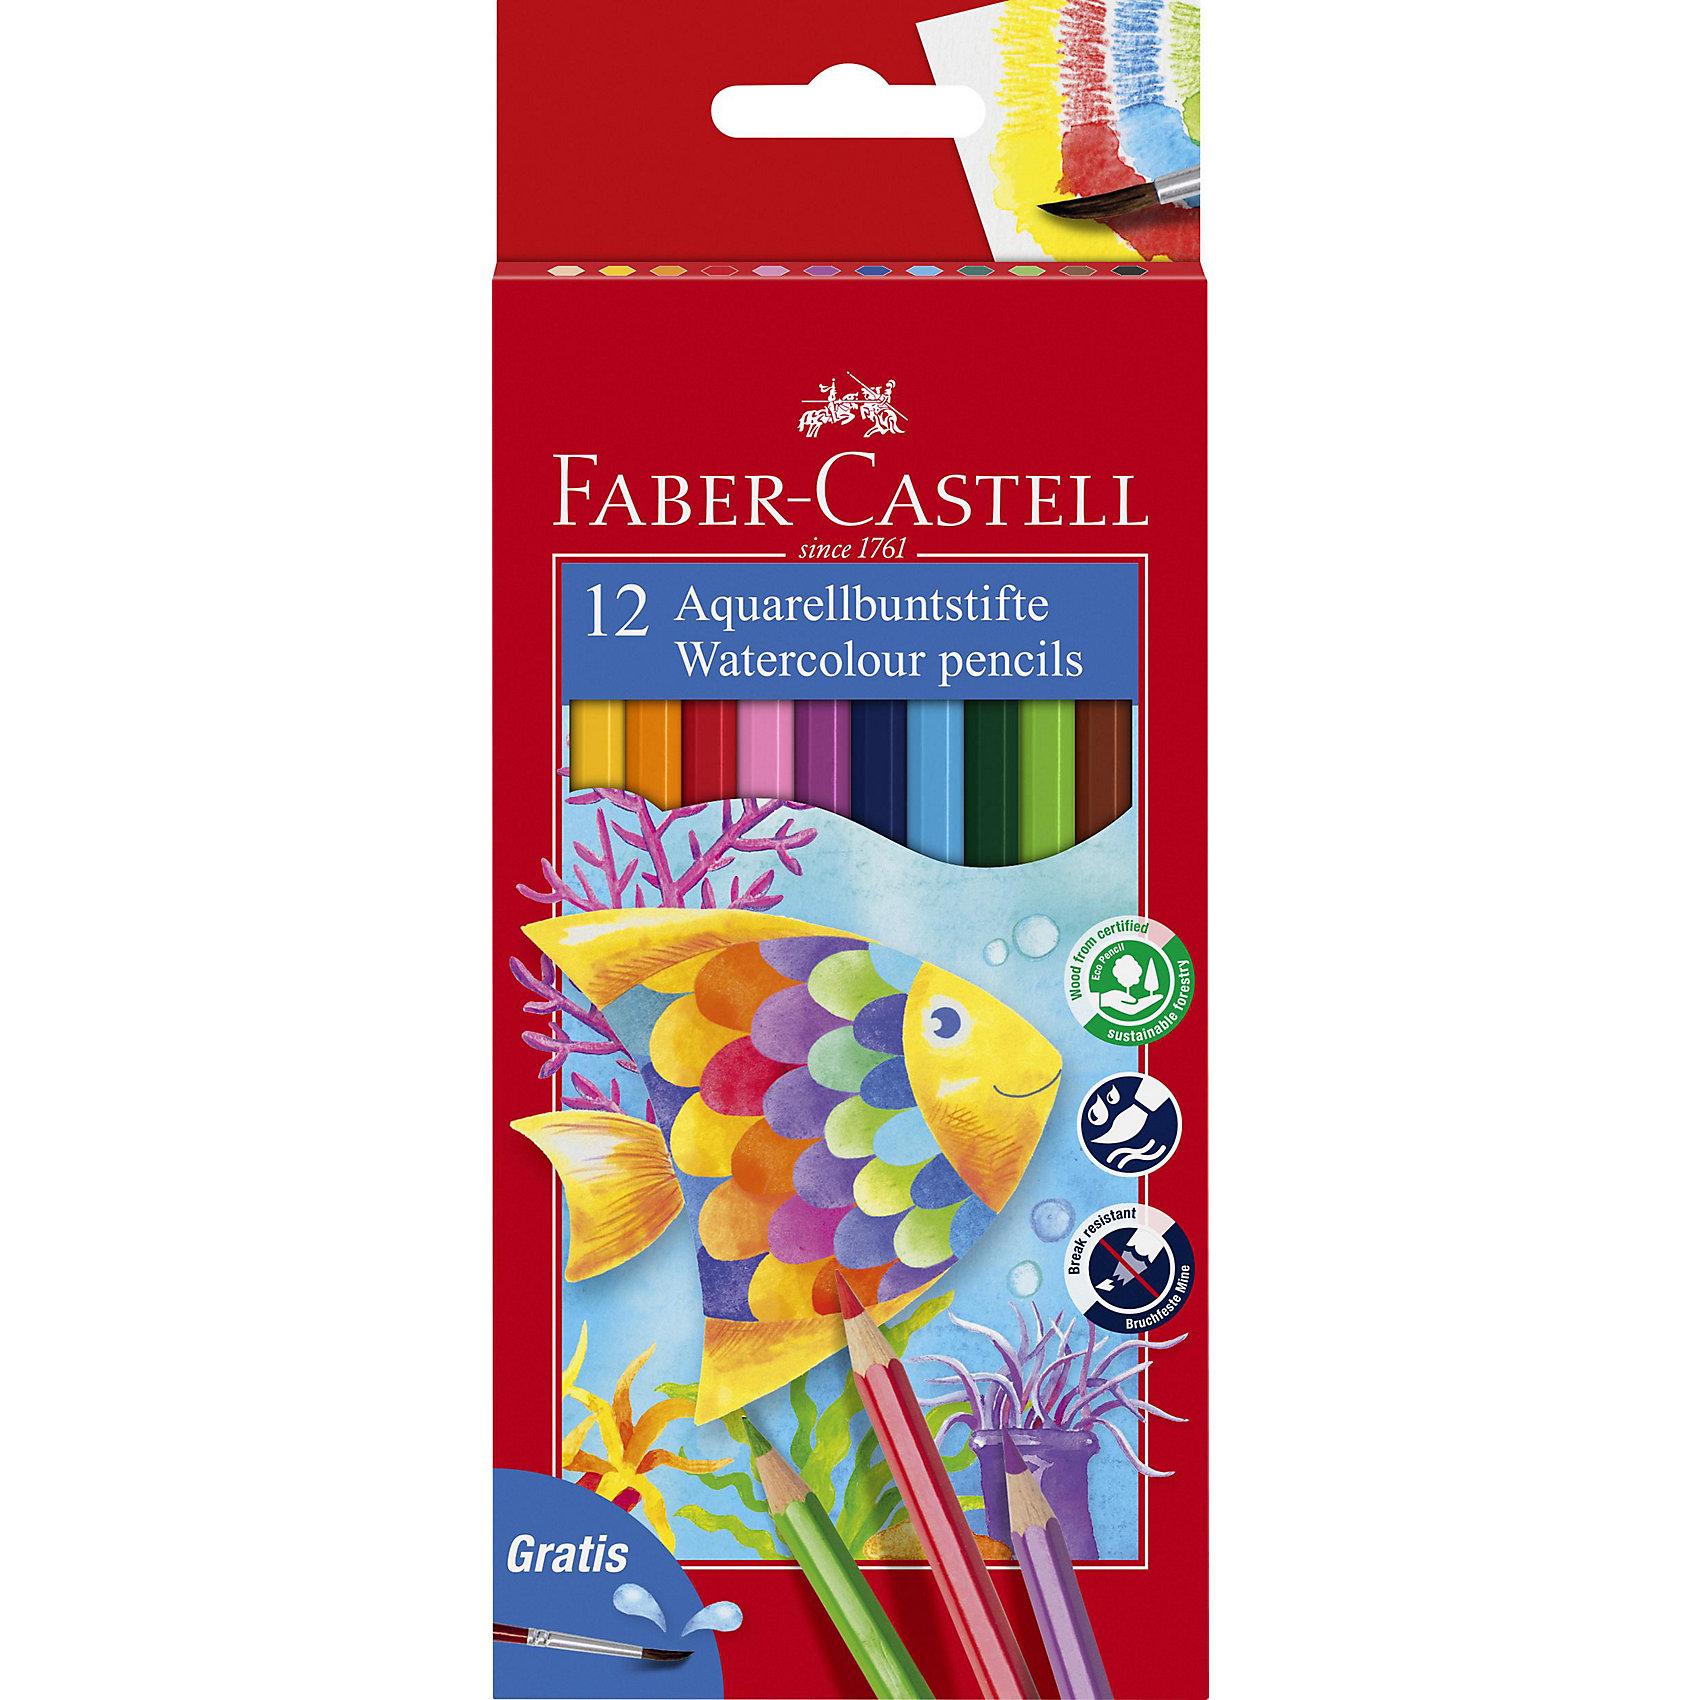 Faber-Castell Карандаши акварельные Colour Pencils с кисточкой, 12 цветовРисование<br>Карандаши классической шестигранной формы с грифелем, размываемым водой. Яркие, насыщенные цвета. Специальная технология вклеивания грифеля делает его более прочным и снижает ломкость. Карандаши покрыты лаком на водной основе – бережным по отношению к окружающей среде и здоровью детей. Качественная древесина – гарантия легкого затачивания при помощи стандартных точилок. Карандаши отстирываются с большинства тканей.<br><br>Ширина мм: 90<br>Глубина мм: 145<br>Высота мм: 11<br>Вес г: 78<br>Возраст от месяцев: 72<br>Возраст до месяцев: 2147483647<br>Пол: Унисекс<br>Возраст: Детский<br>SKU: 6725465